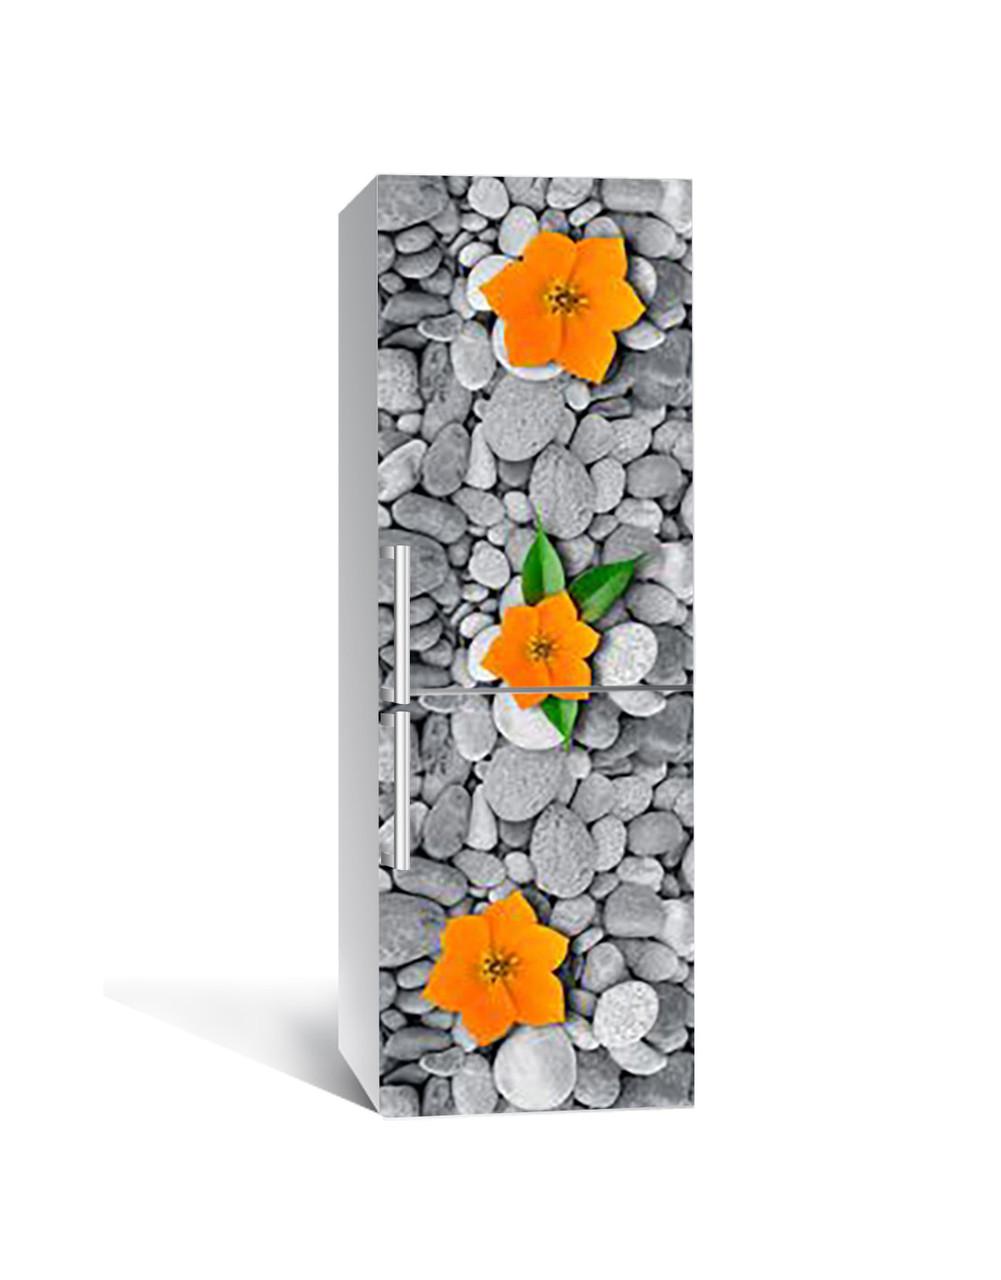 Вінілова 3Д наклейка на холодильник Помаранчеві квіти на каменях самоклеюча плівка ПВХ галька Текстура Сірий